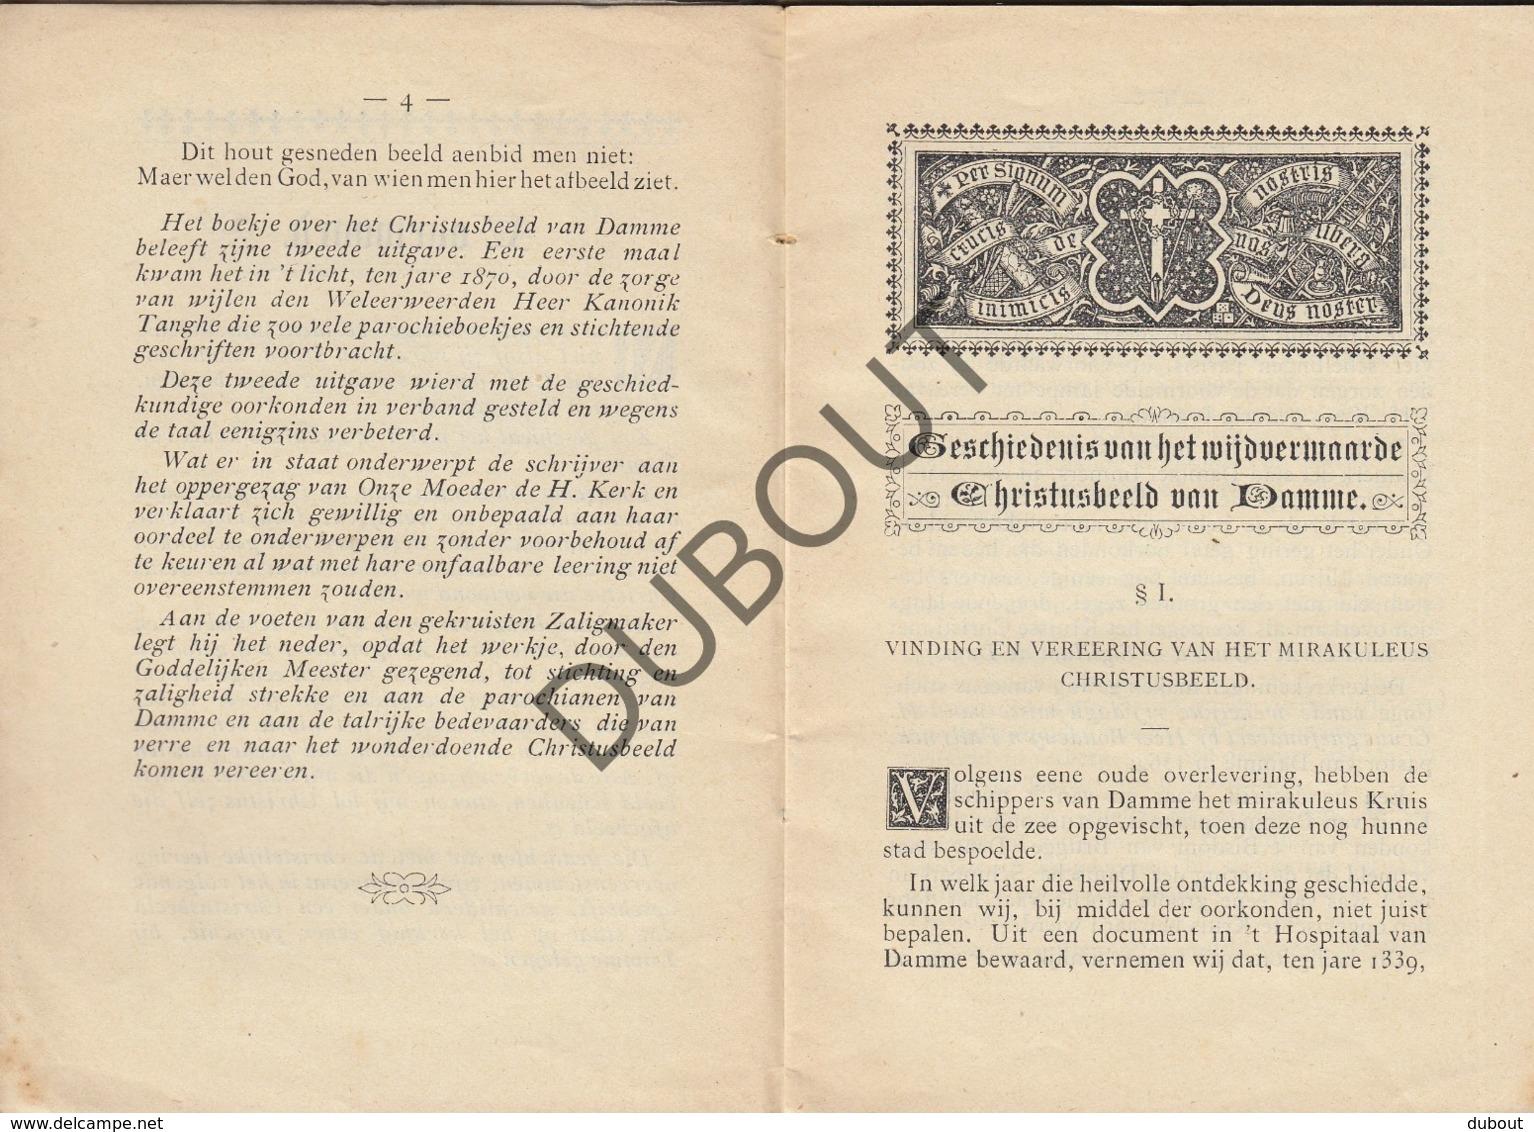 BRUGGE/DAMME Geschiedenis Christusbeeld Damme - Tanghe - Van De Vyvere-Petyt 1901  (R347) - Oud